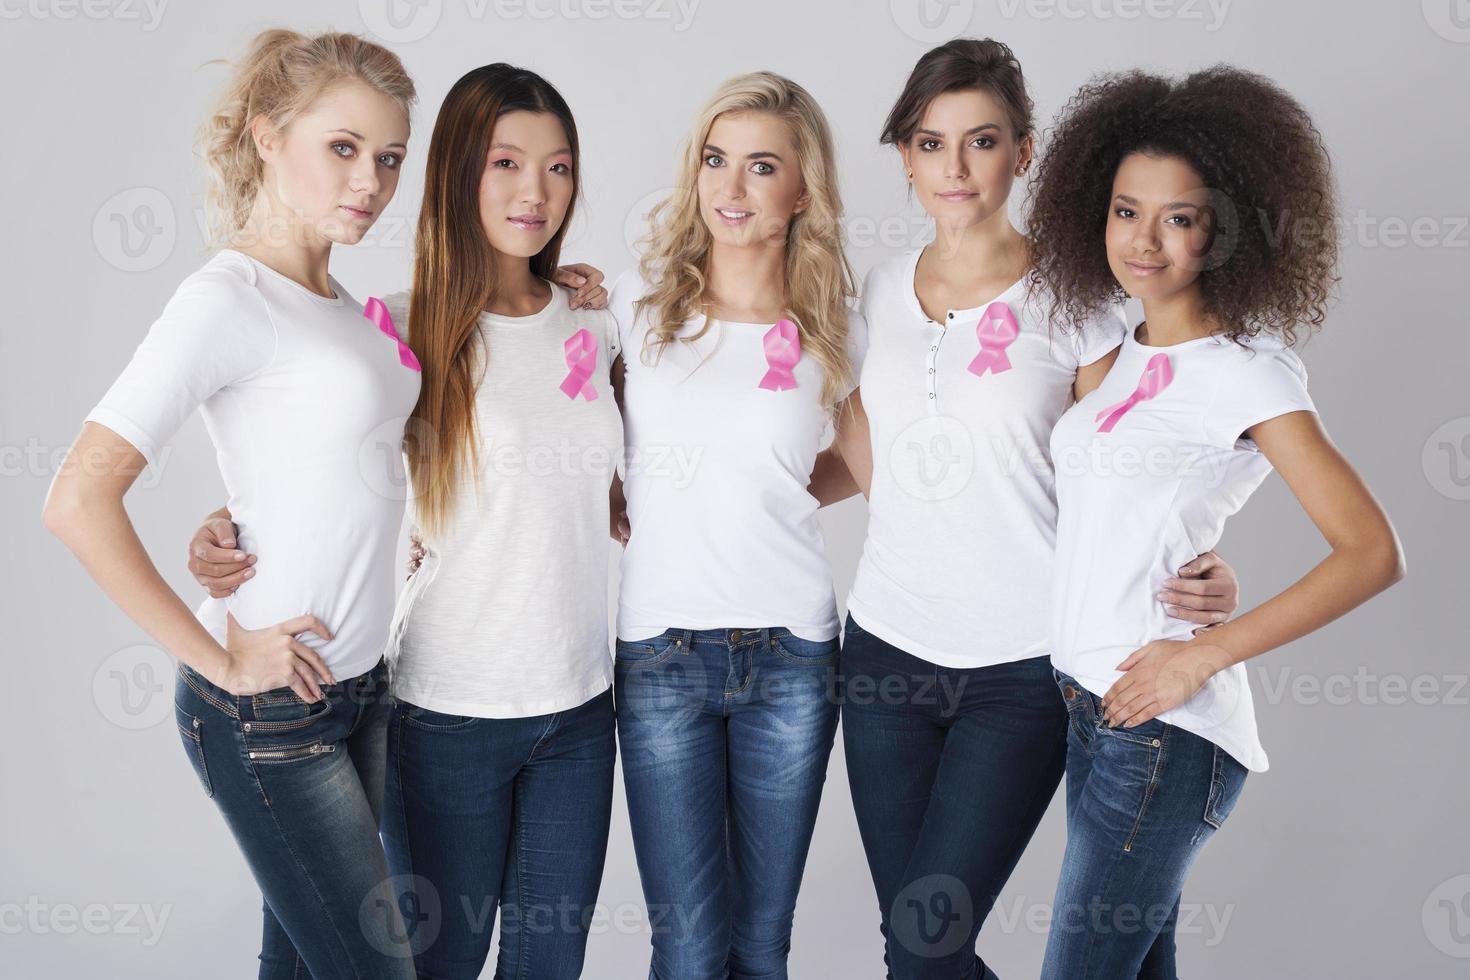 deze vrouwen steunen de strijd tegen borstkanker foto